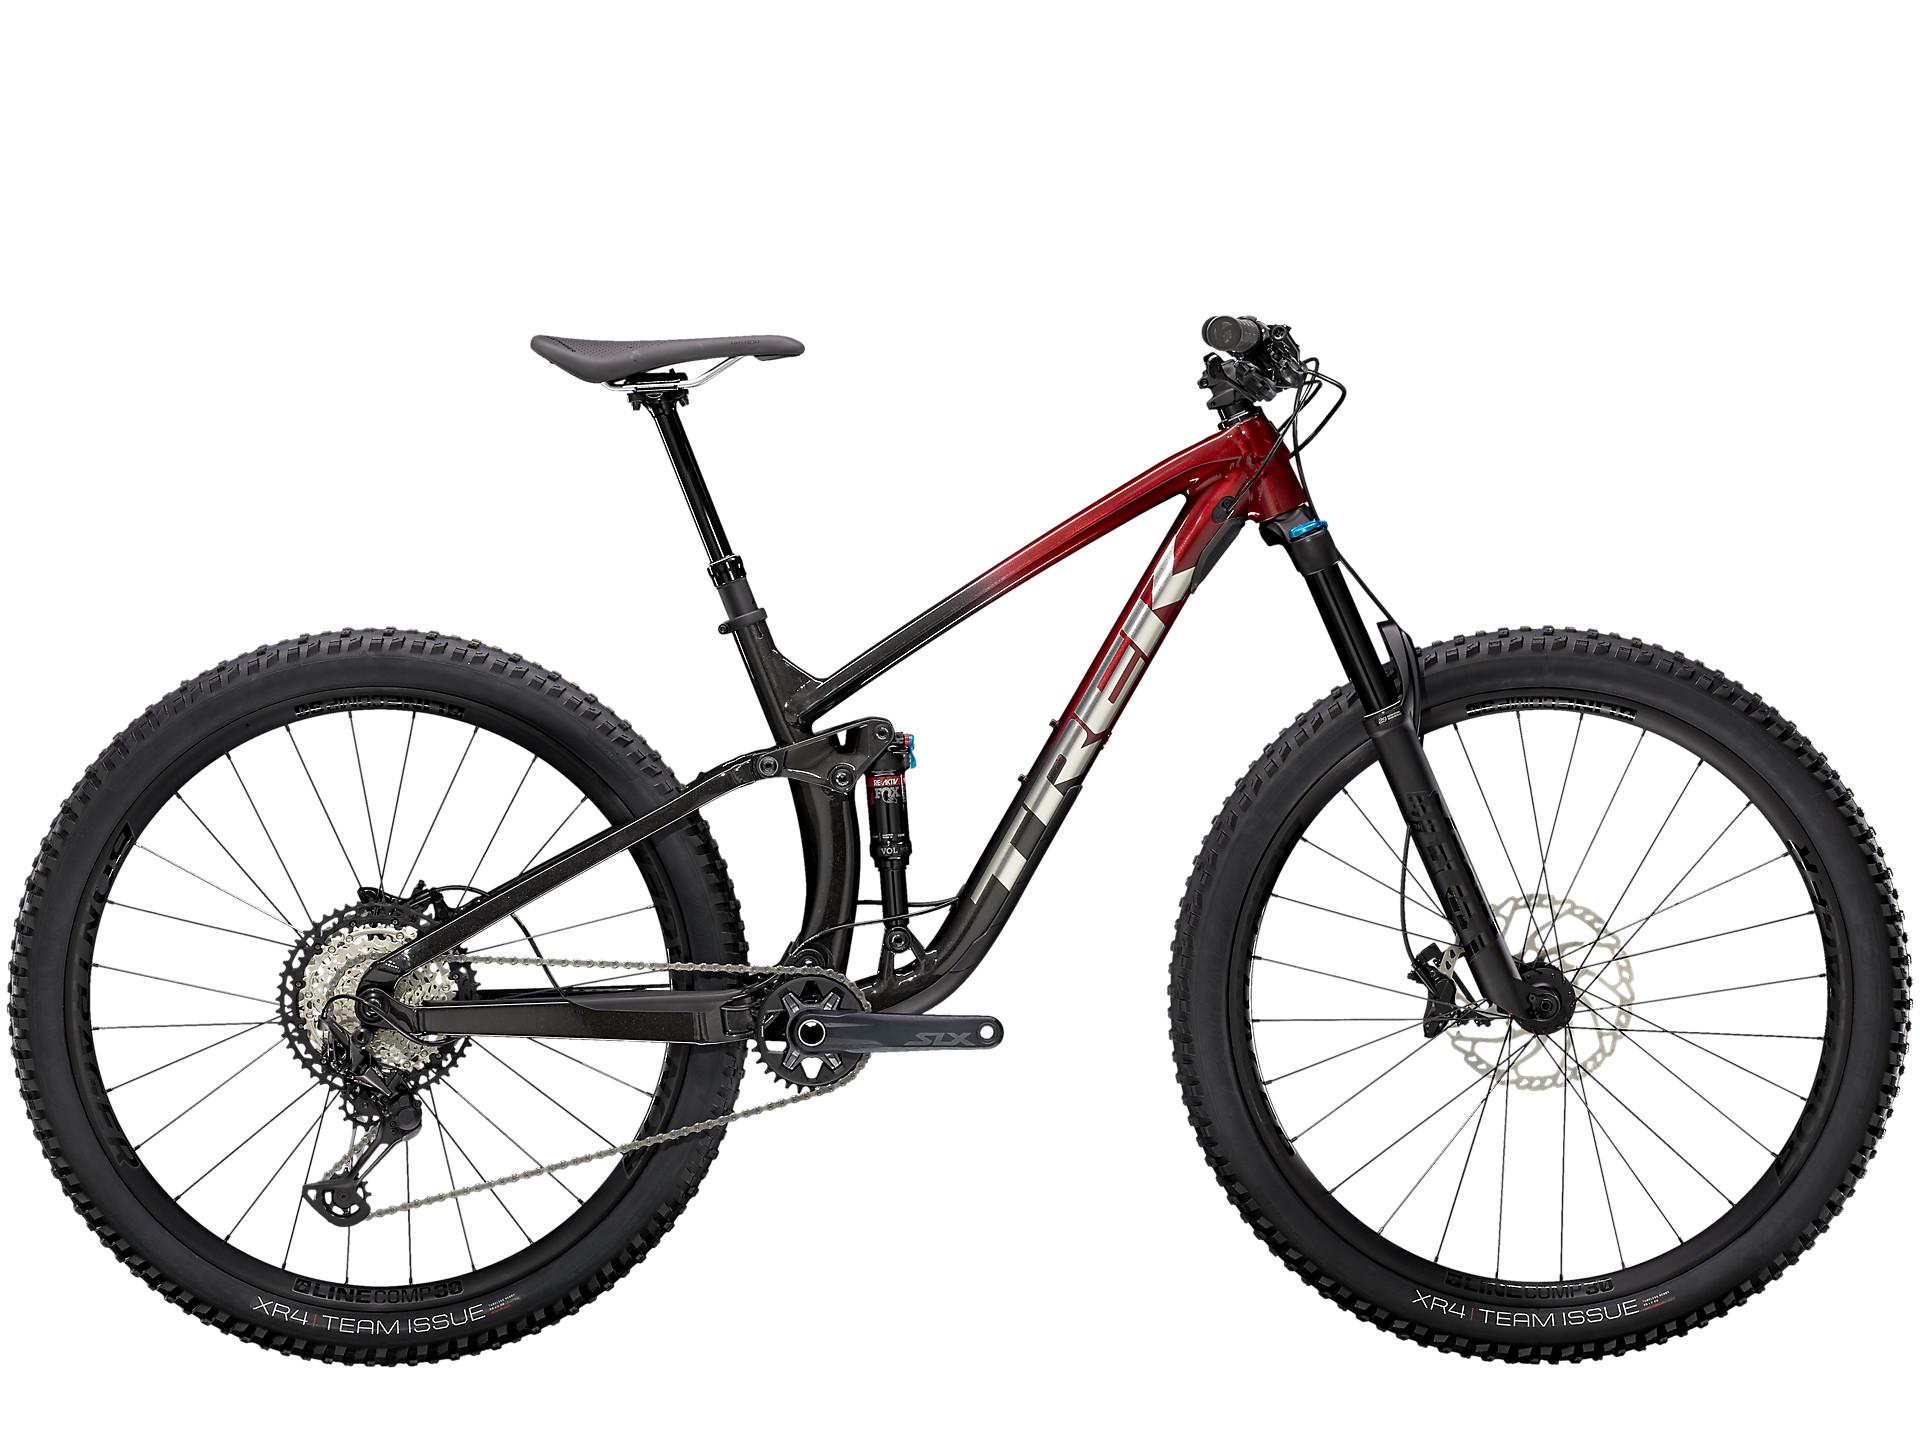 Trek aluminum mountain bike